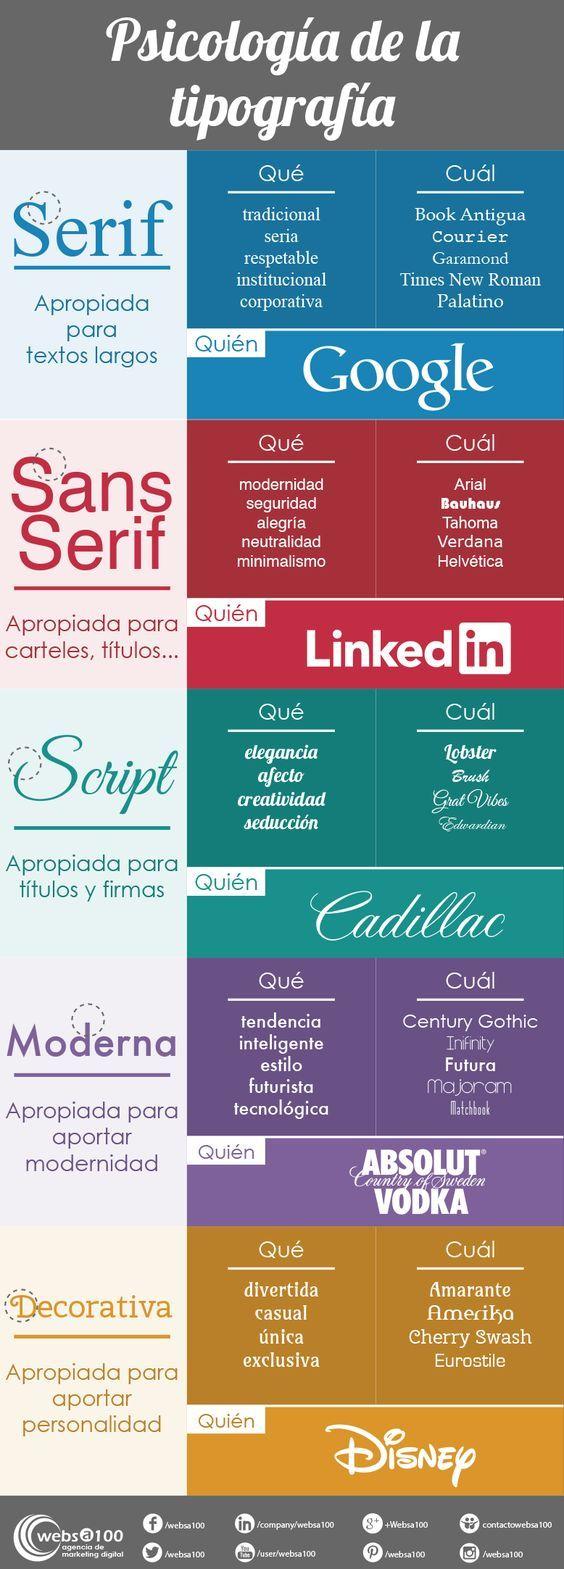 #Infografía La psicología de la #tipografía